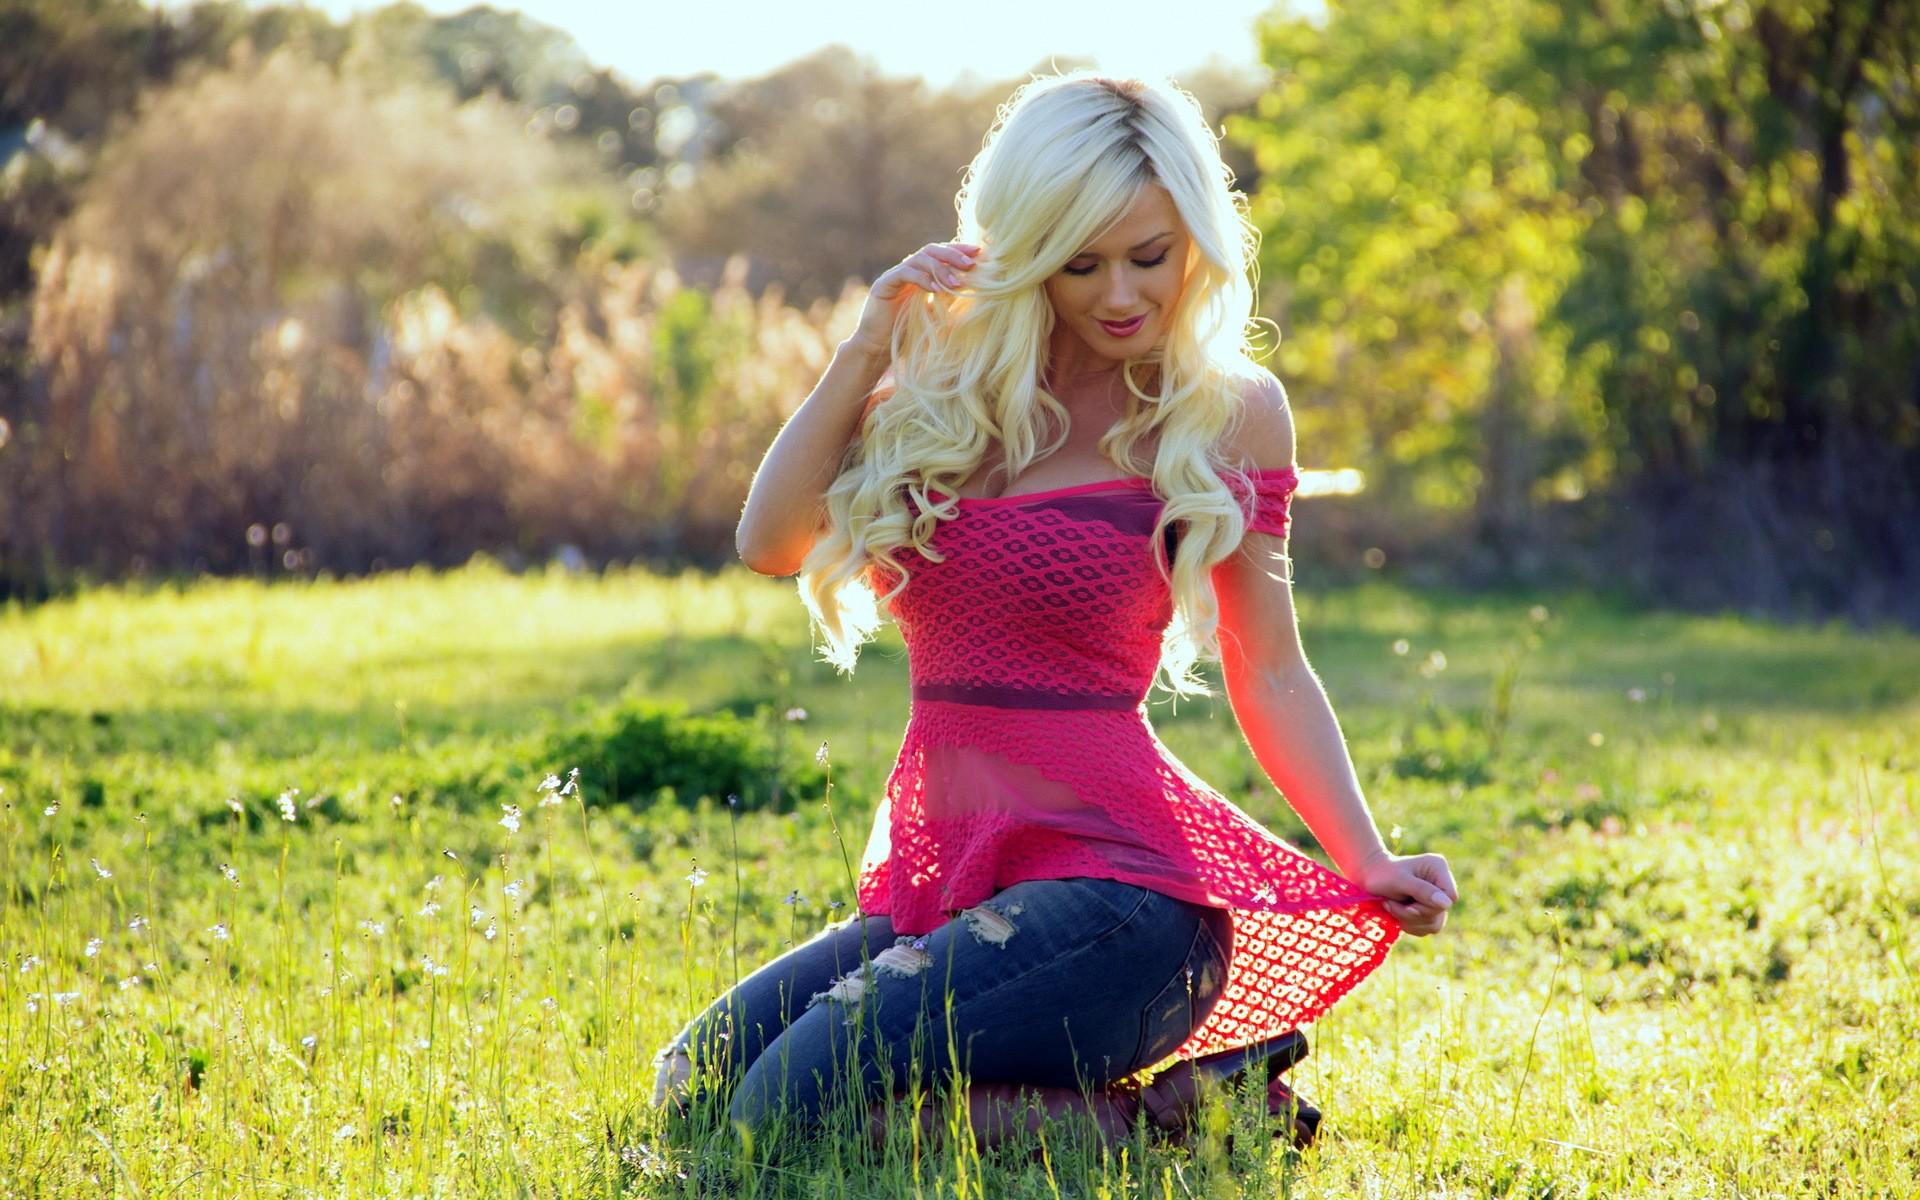 этой встречи картинки клевых девчонок блондинок конце дамочка дрочит